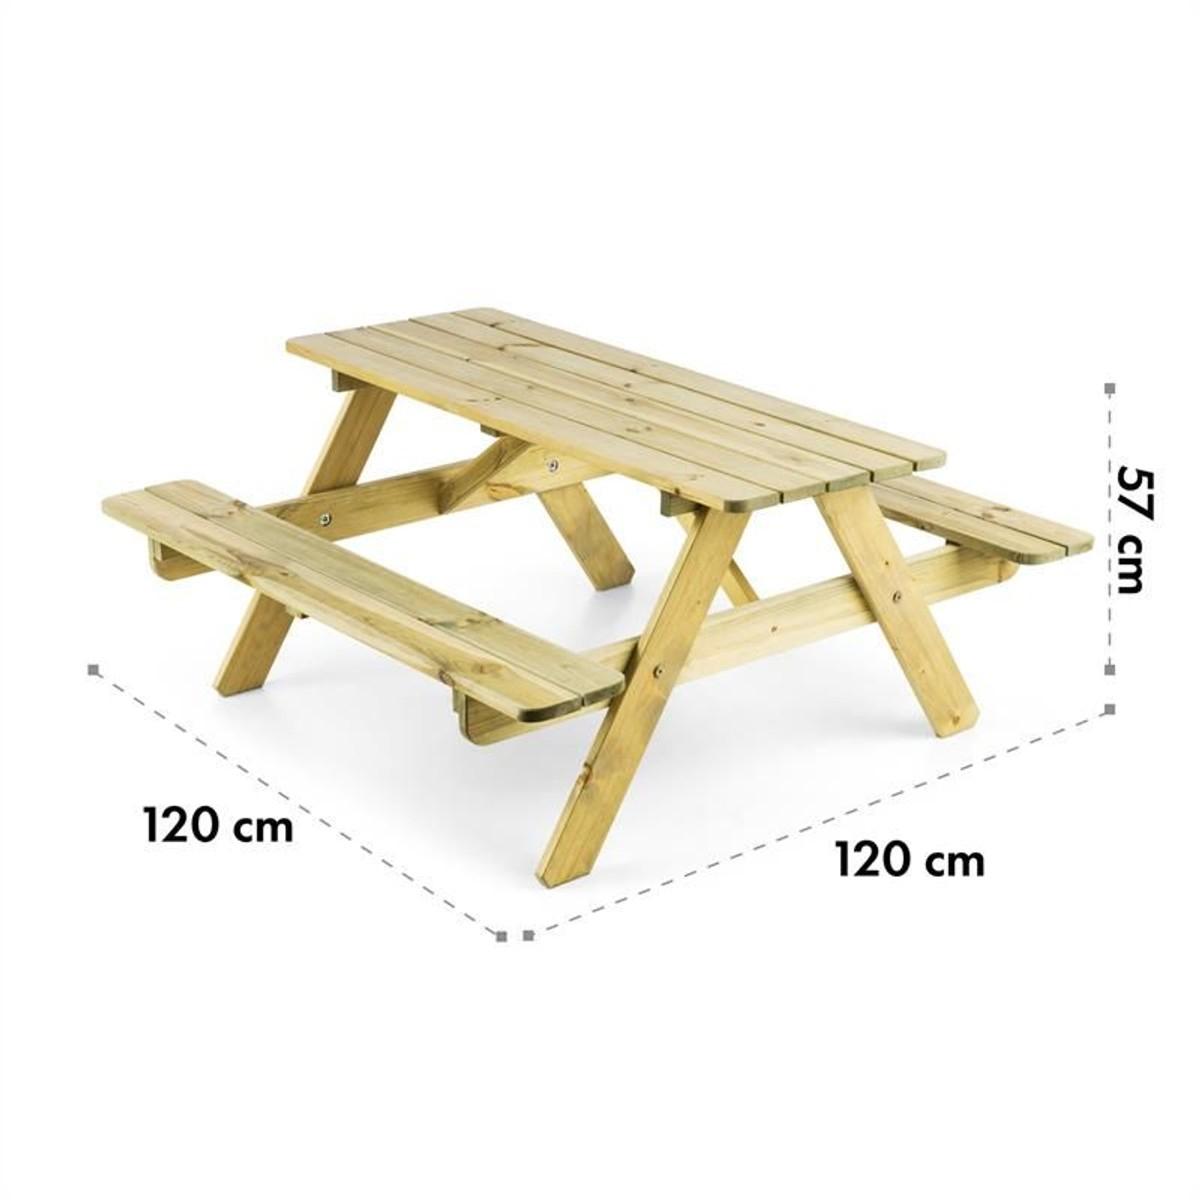 Table De Pique-Nique Avec Banc Meuble Jardin Pour Enfants ... destiné Table Jardin Enfants